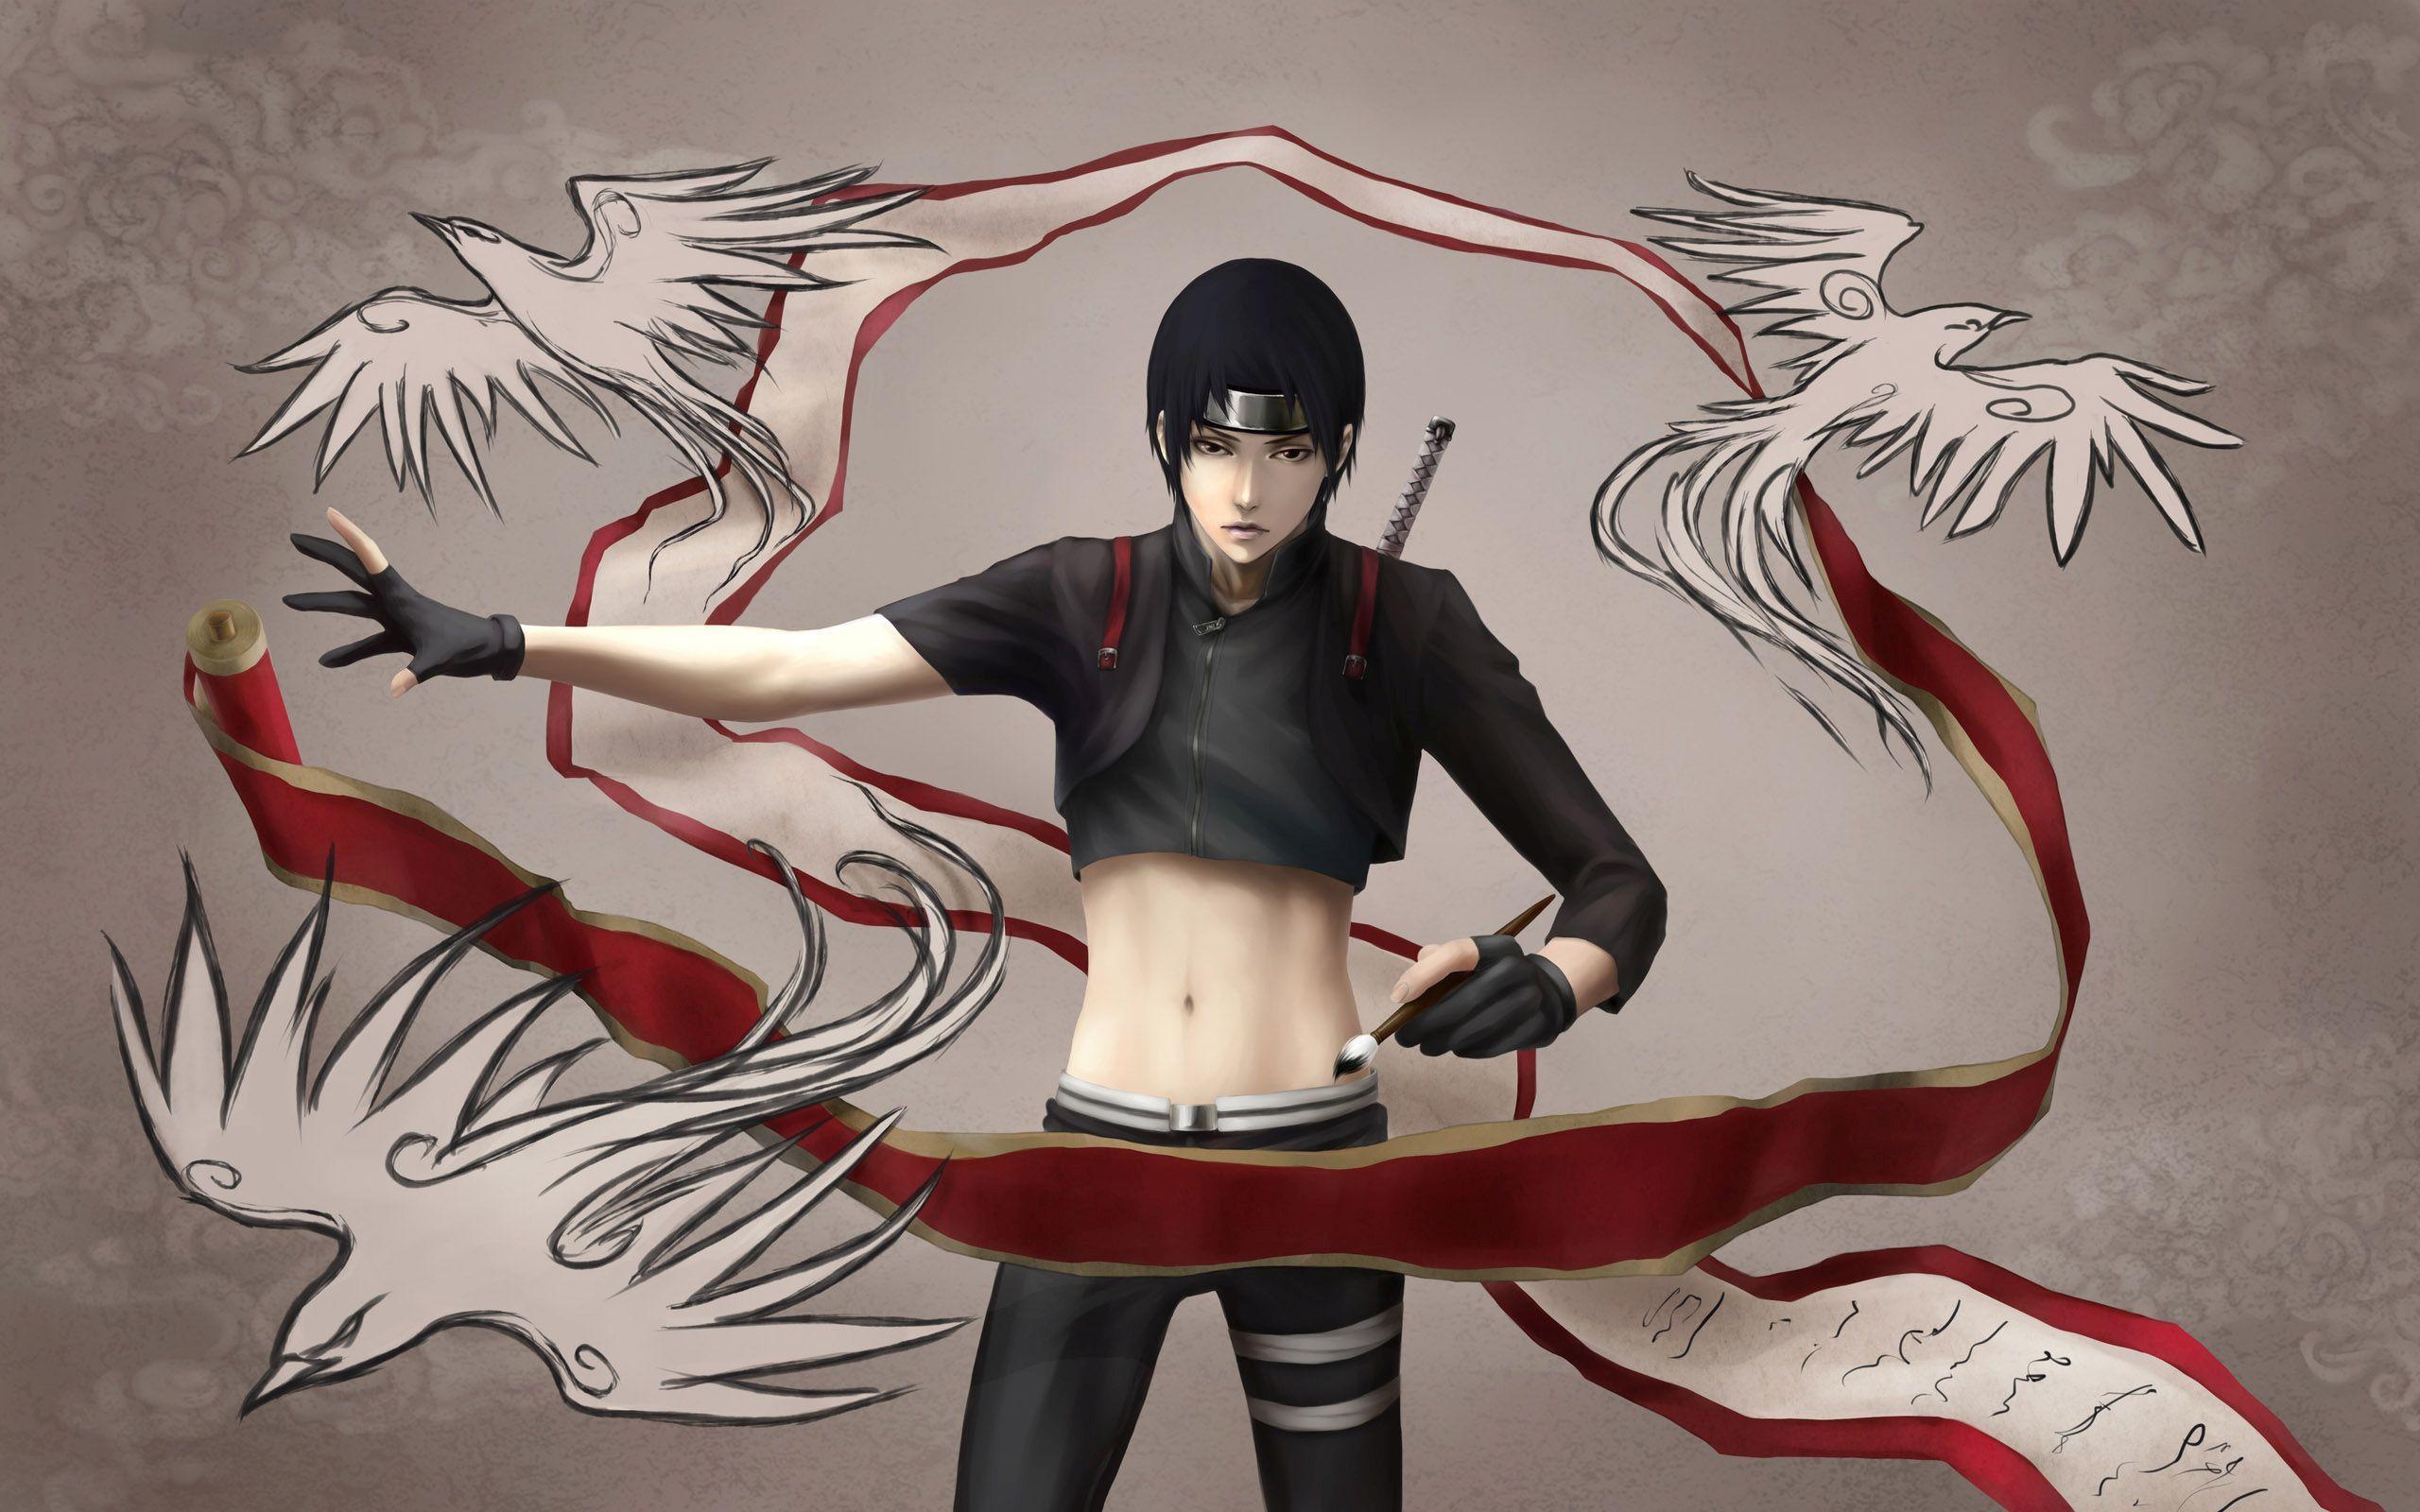 Sai Naruto Wallpapers - Wallpaper Cave